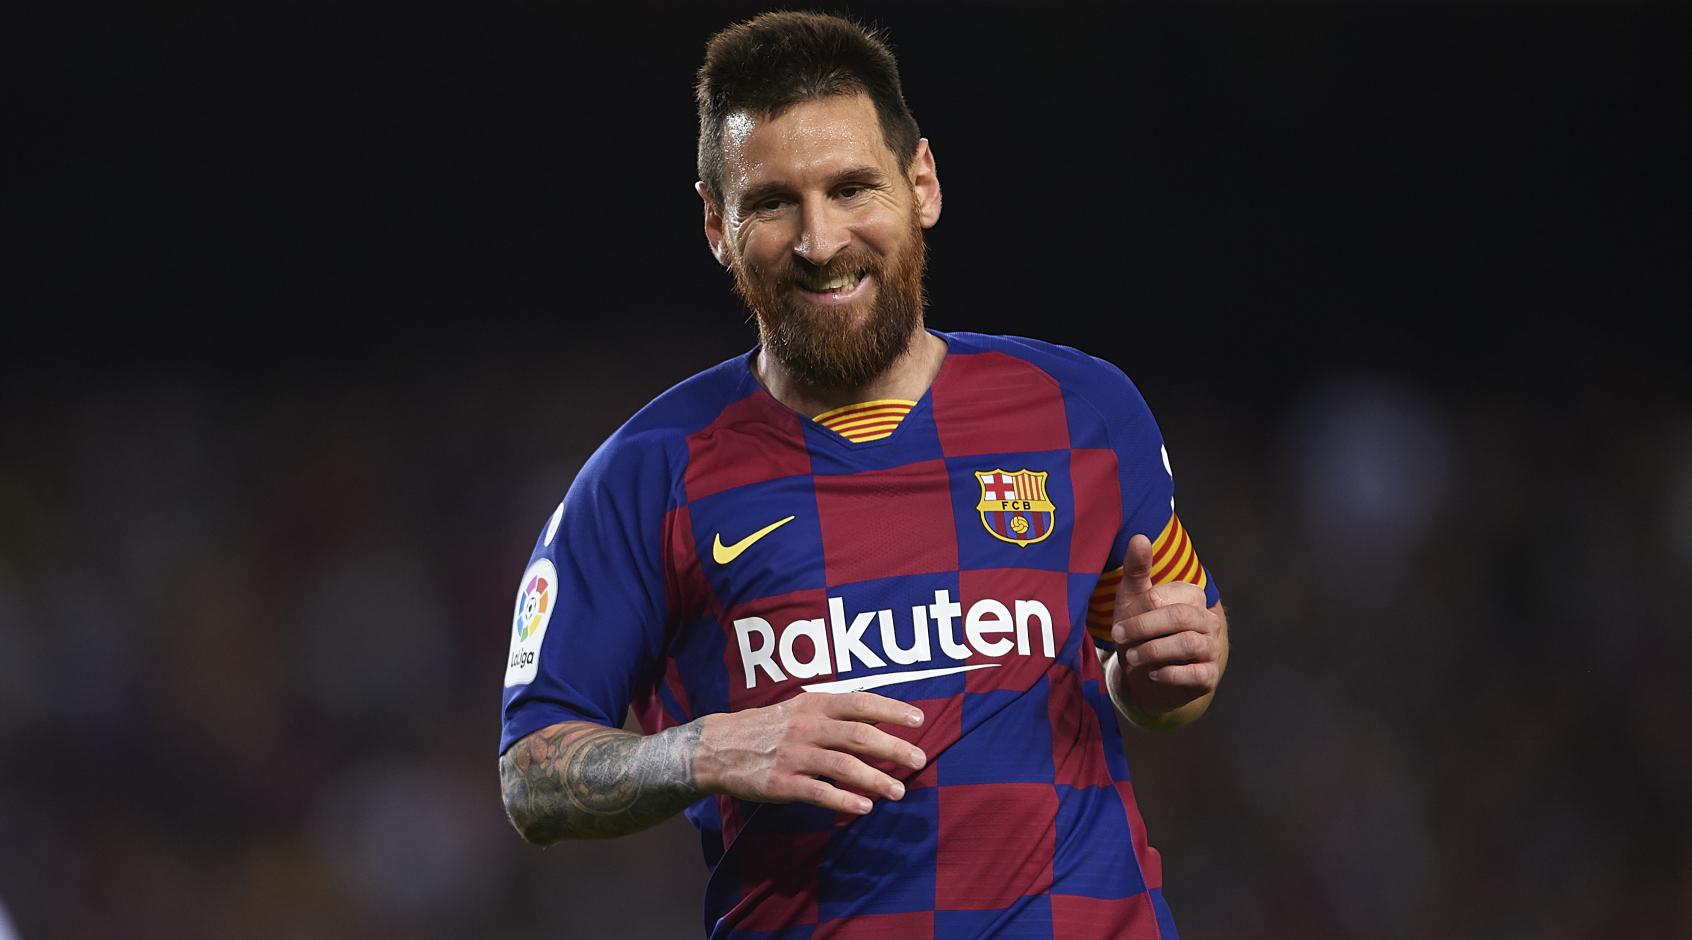 """Лионель Месси показал, как тренируется на базе """"Барселоны"""""""